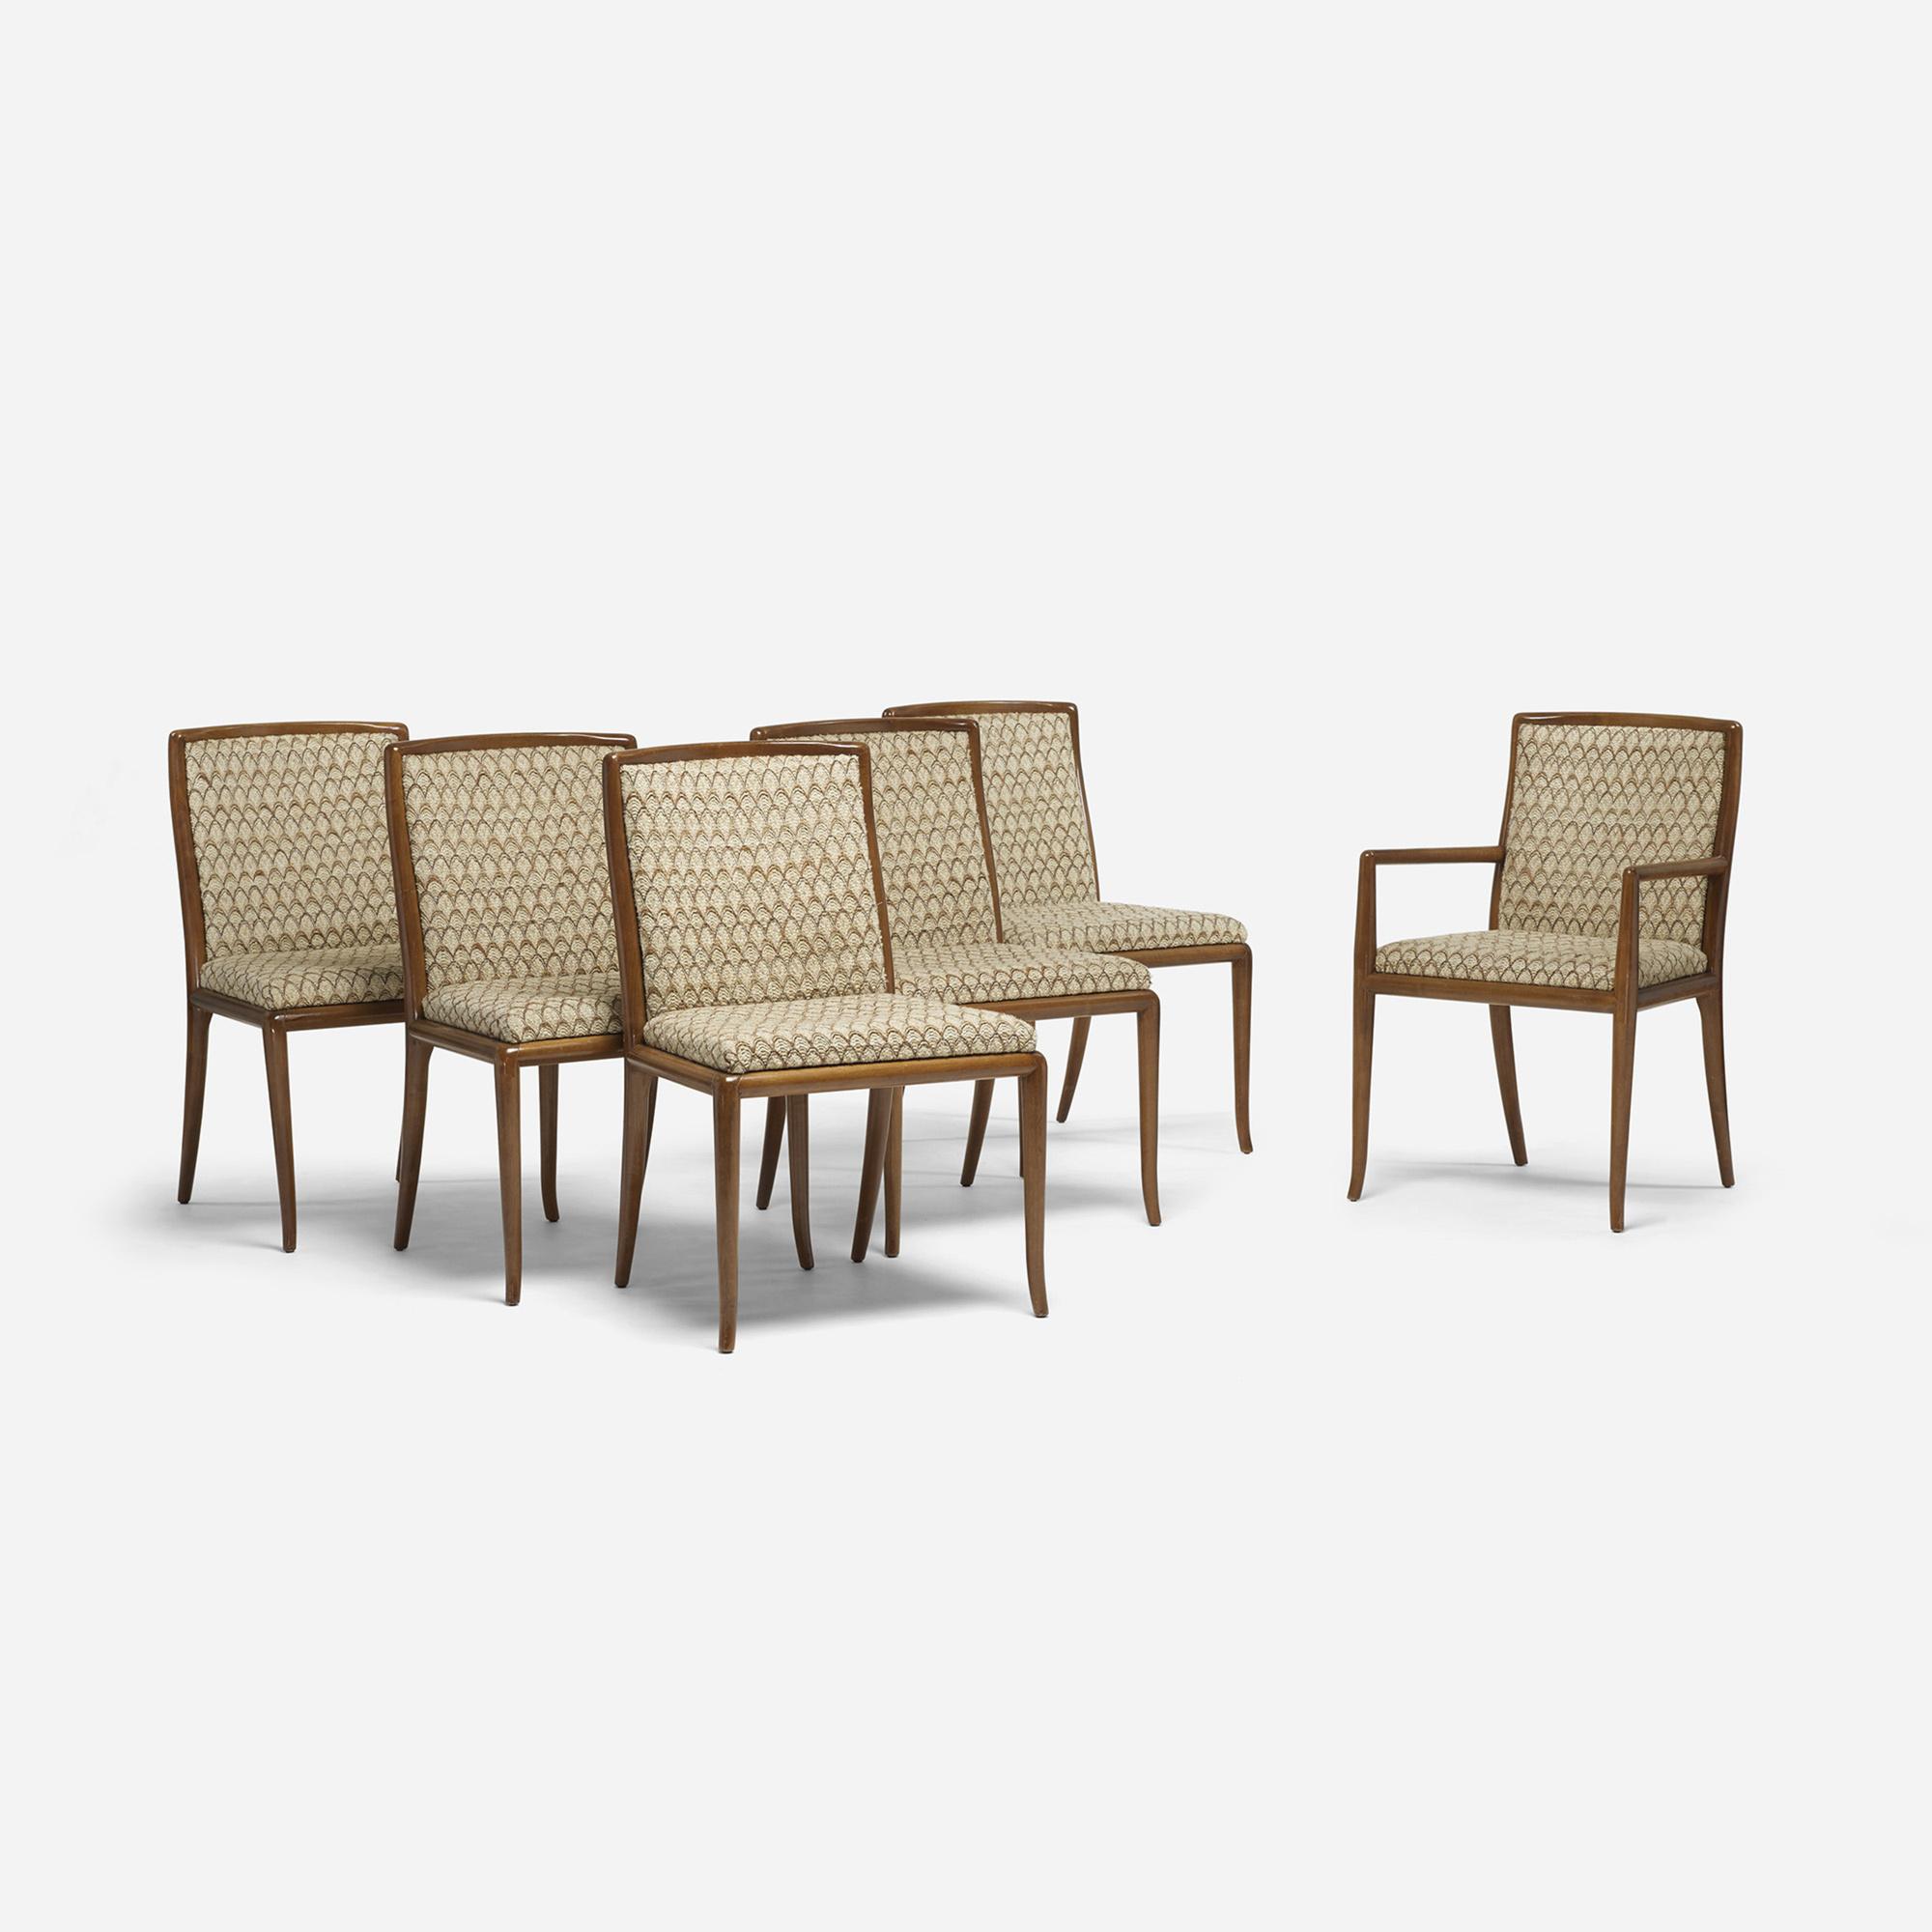 Robsjohn gibbings chair best home design 2018 for Chair design 2000